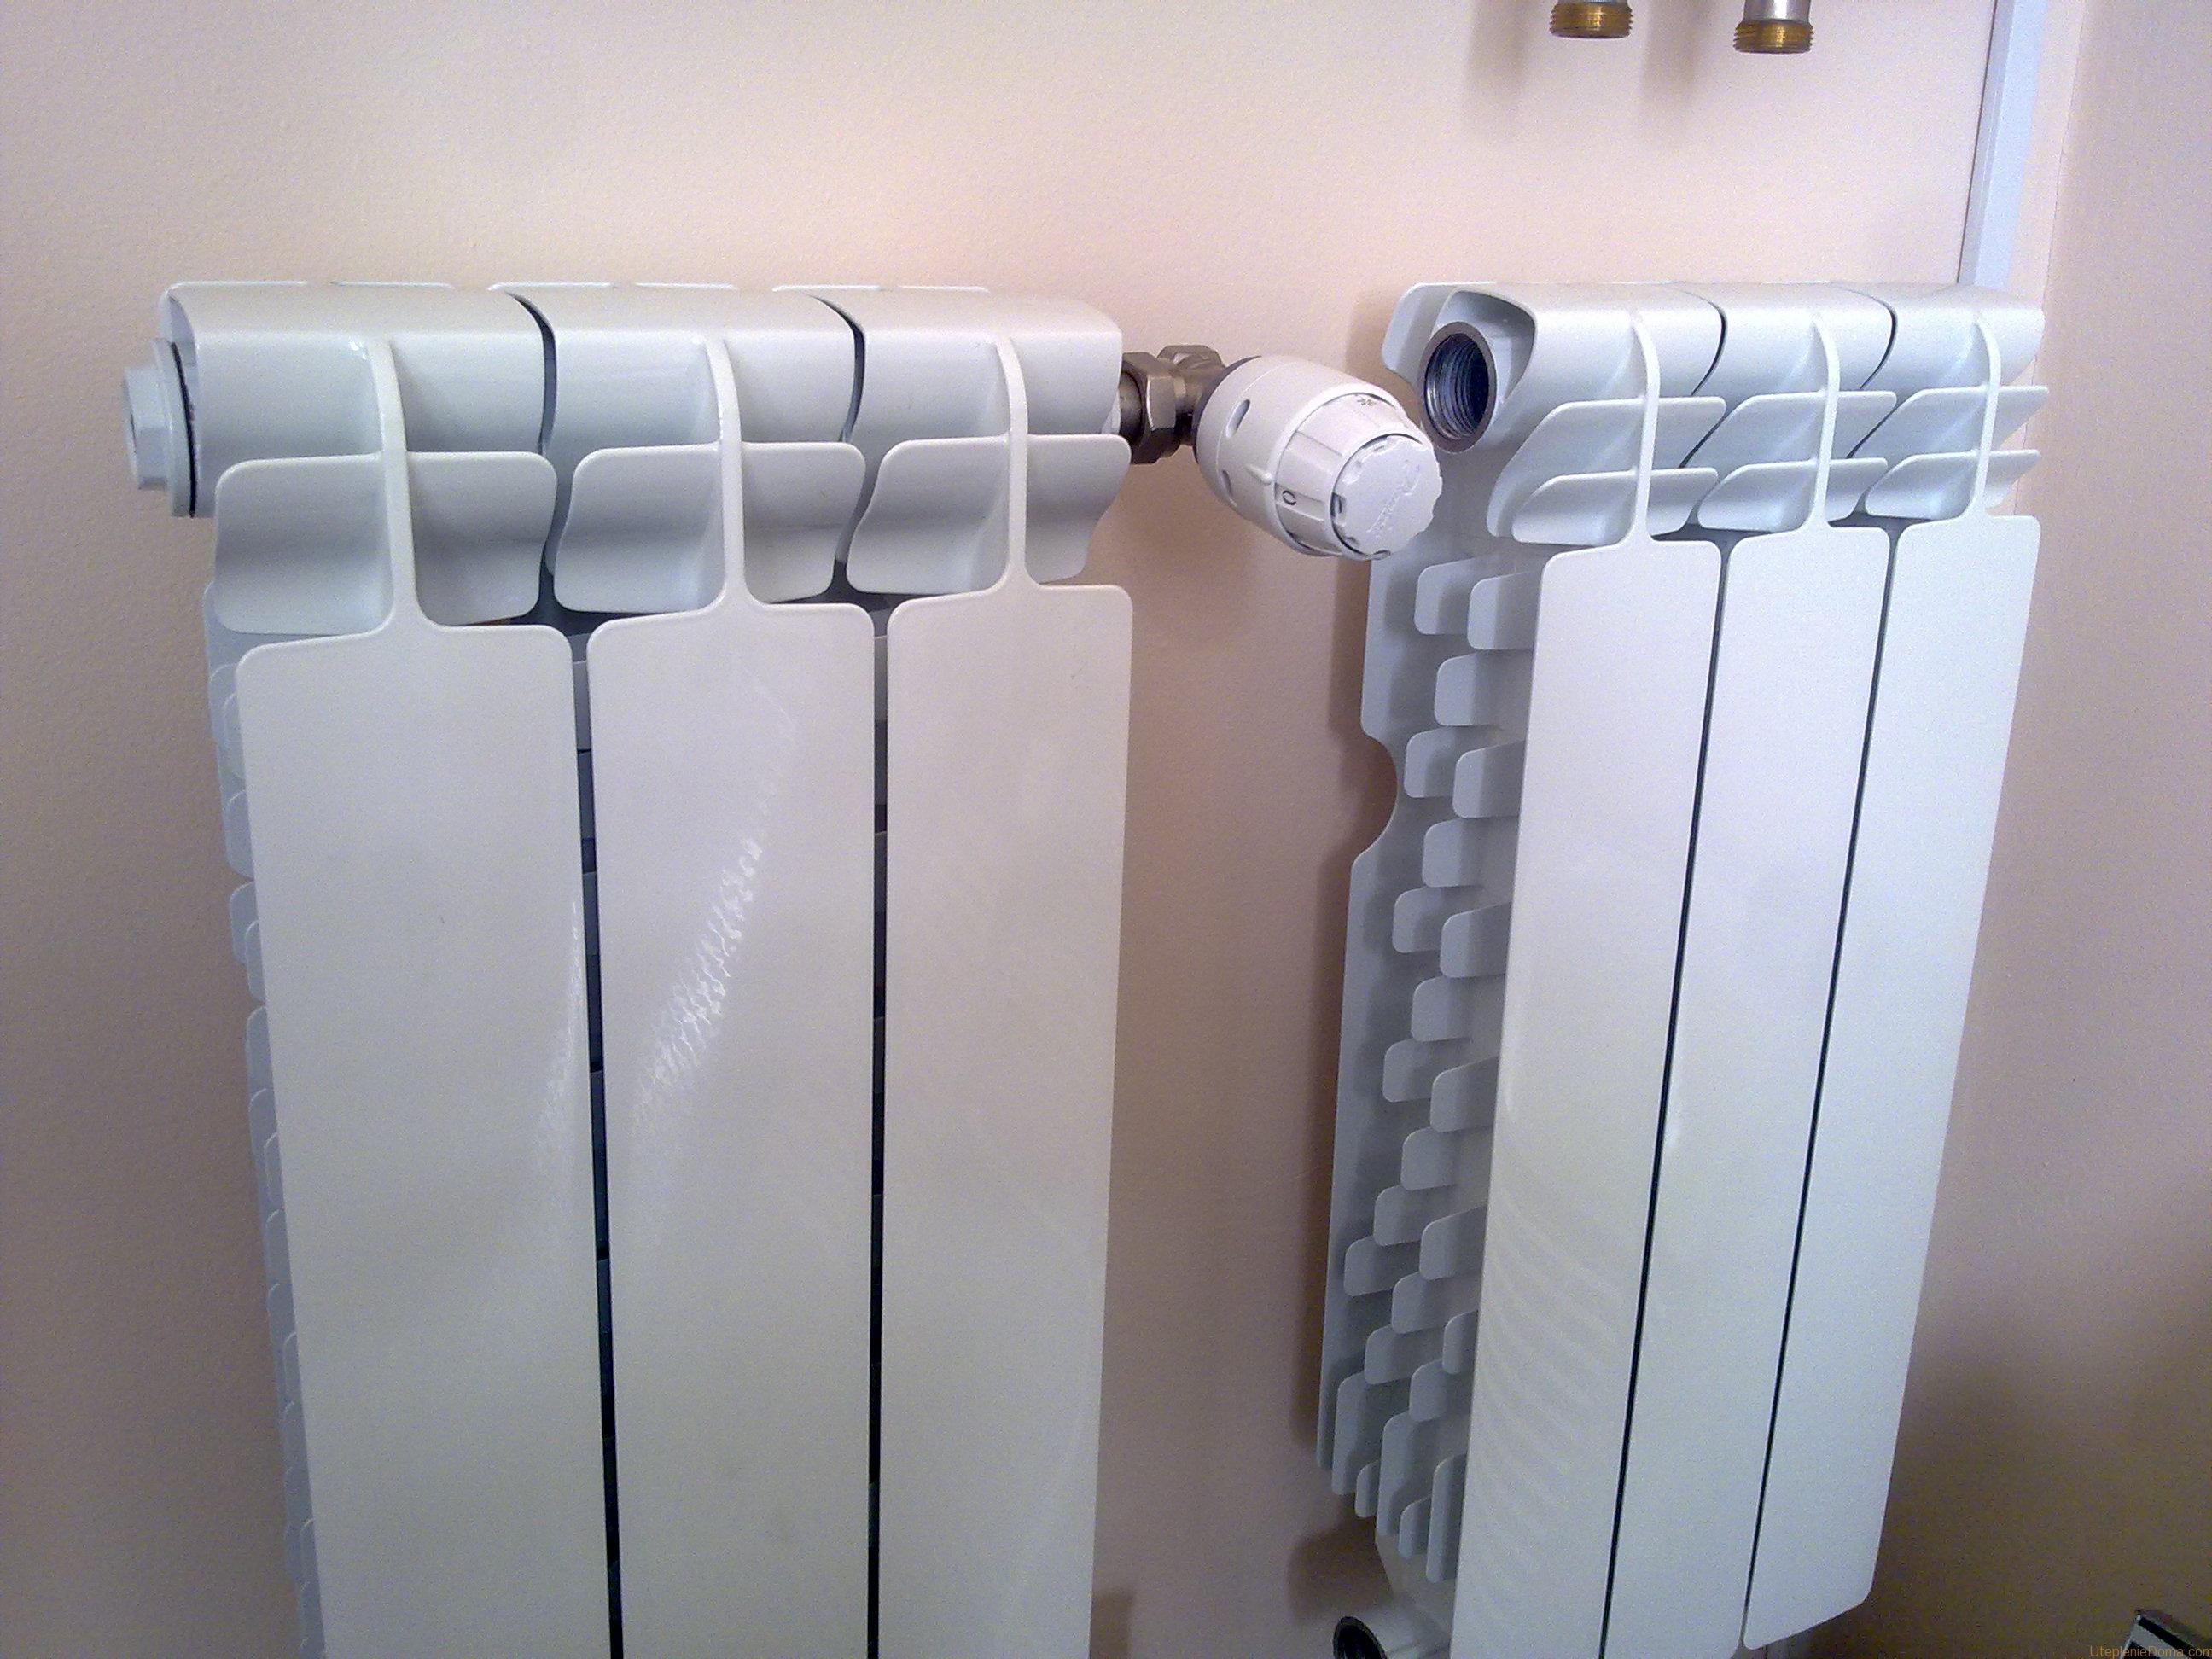 Как выбрать биметаллические радиаторы - критерии выбора и расчет необходимого количества